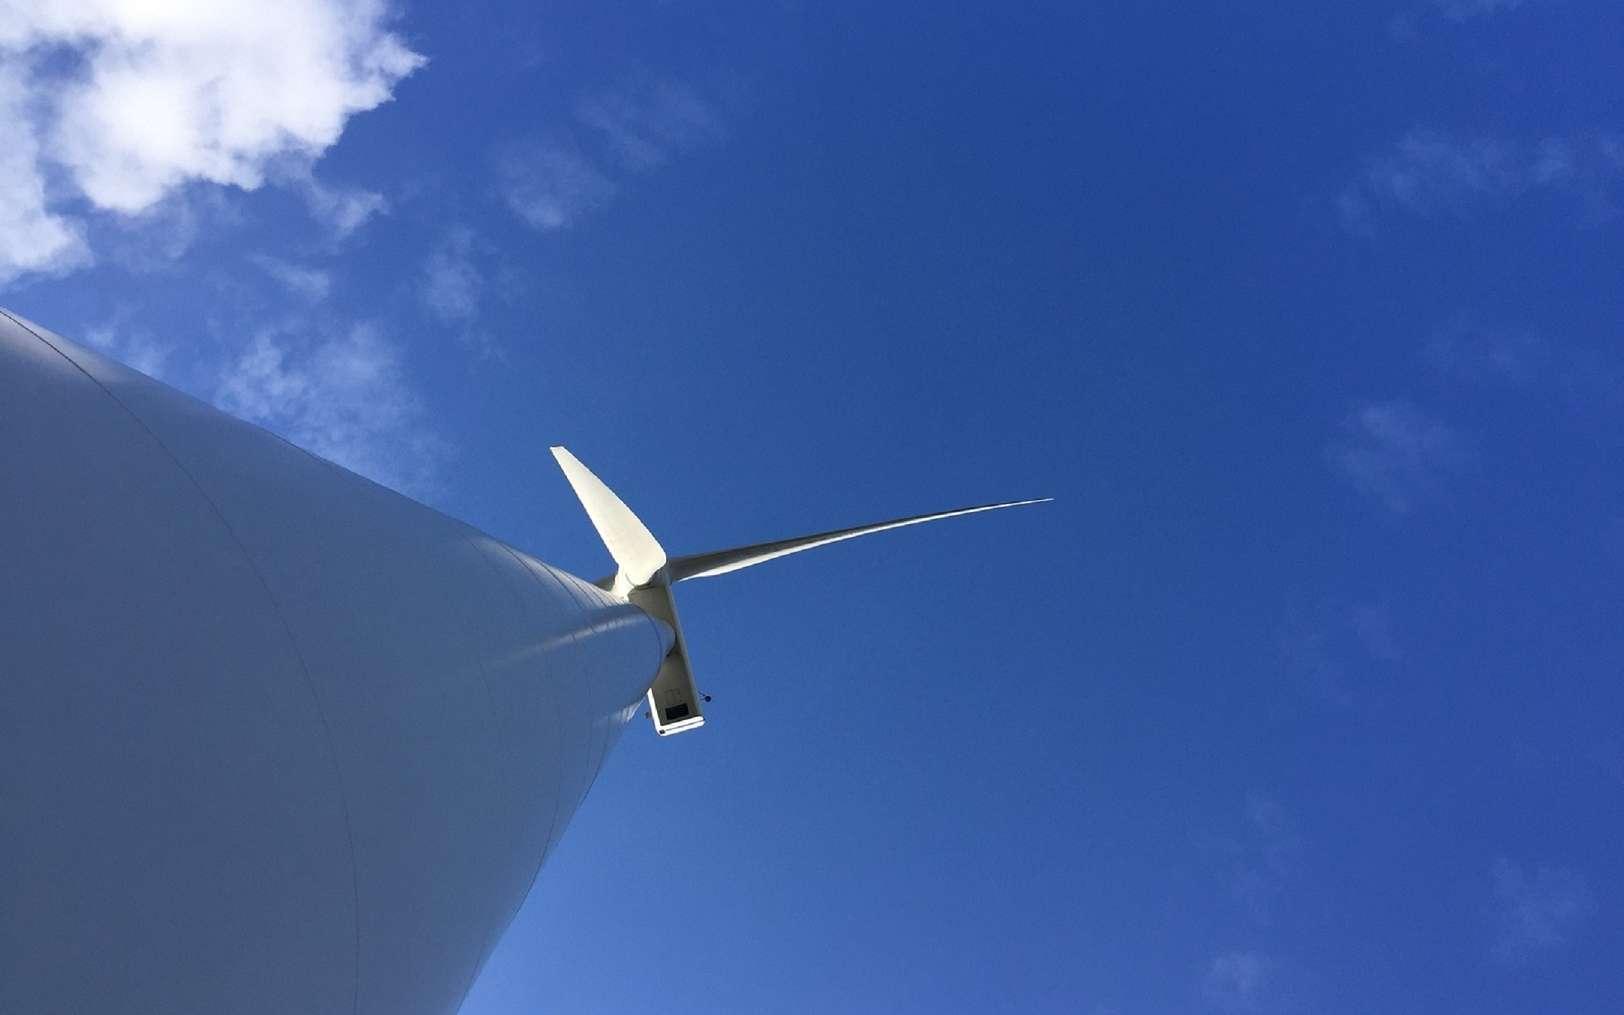 La première éolienne flottante à produire de l'électricité sur les côtes françaises est en service. © fotoak80, Fotolia